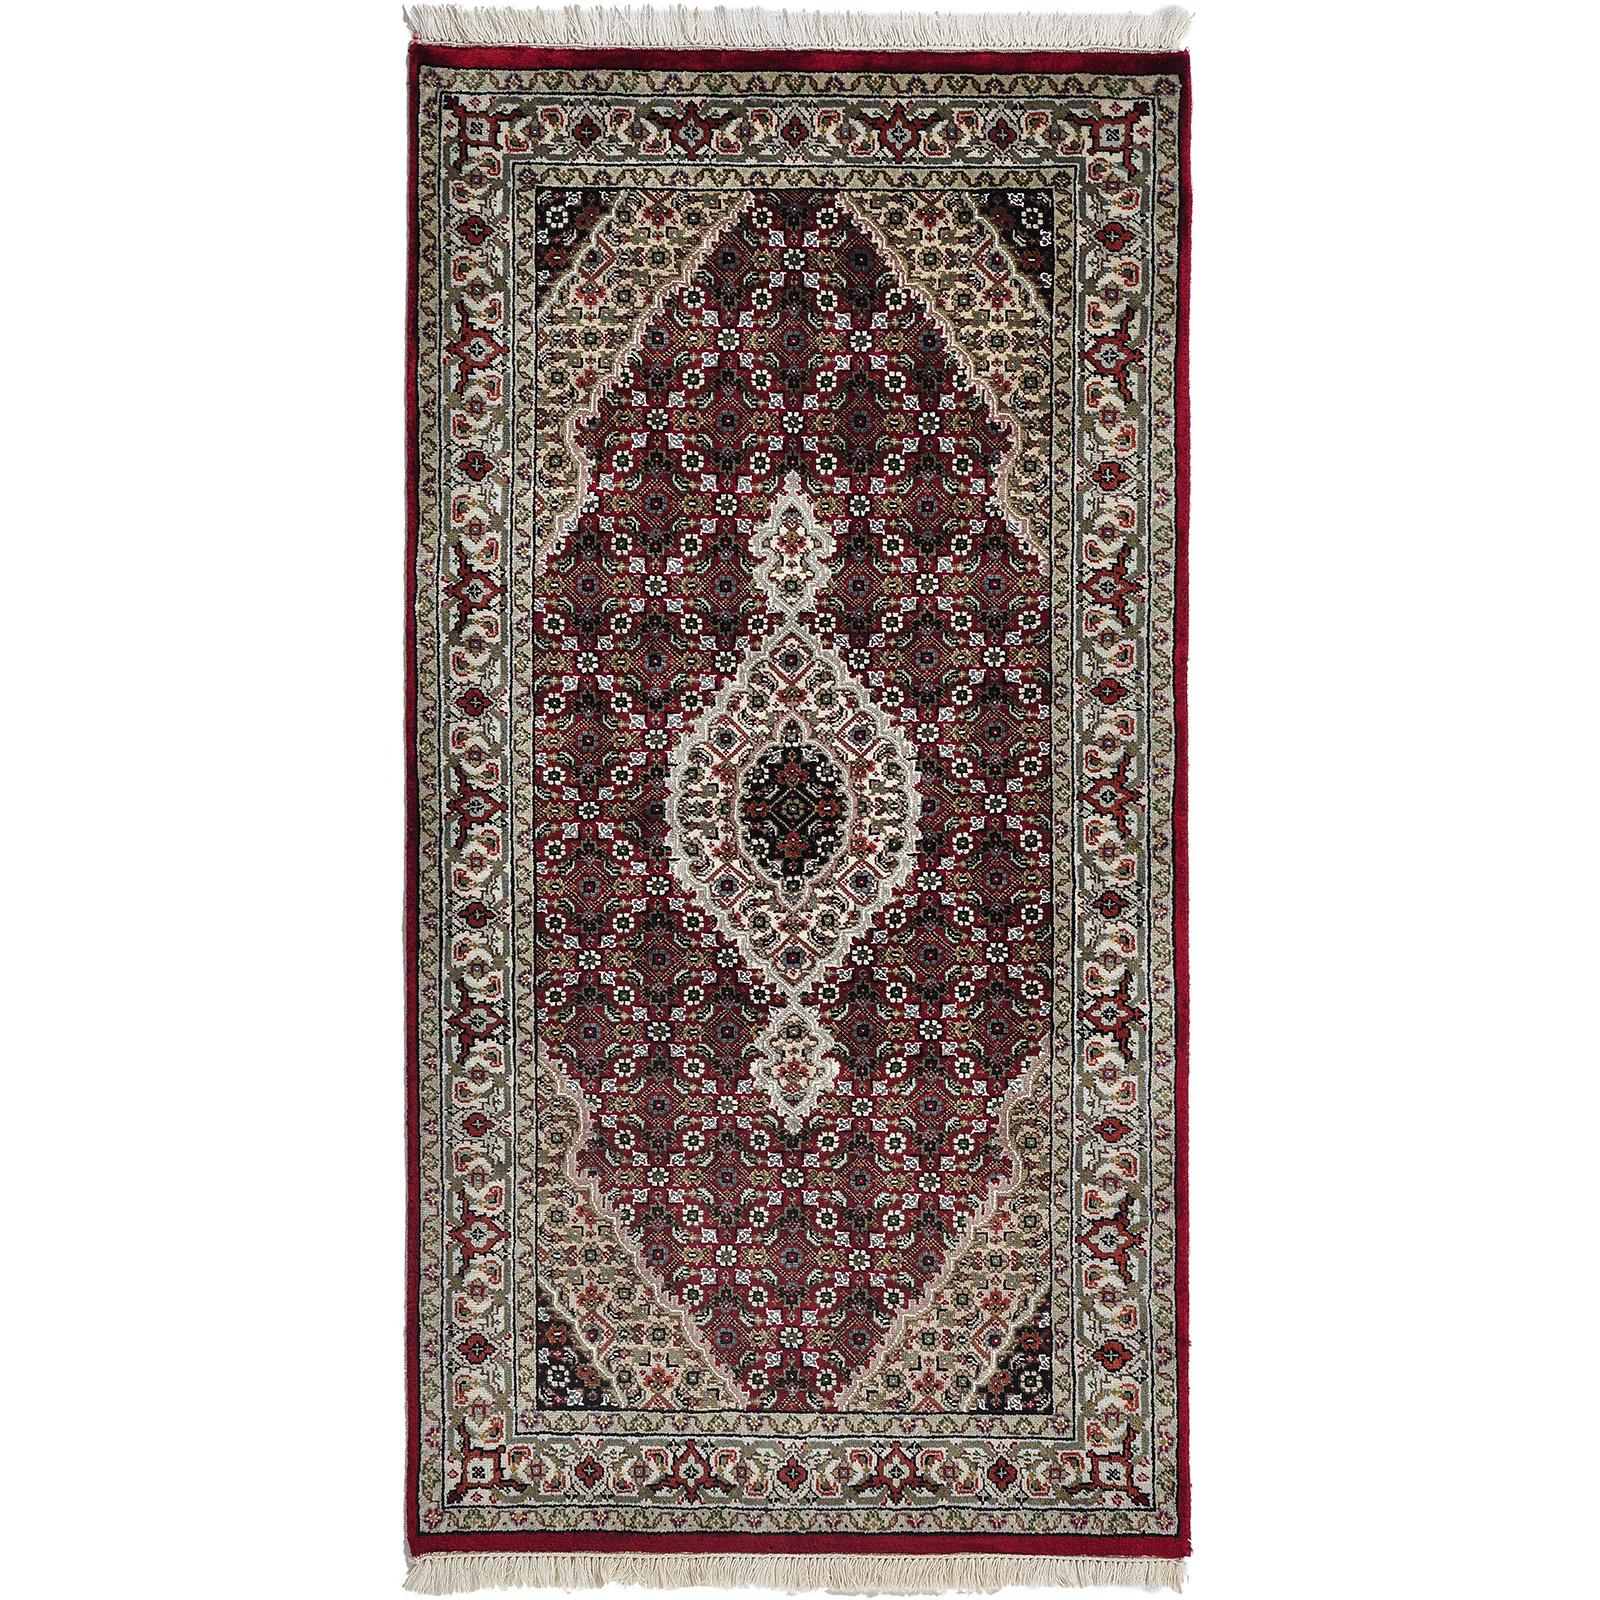 Indo Täbriz matta storlek 139x73 cm